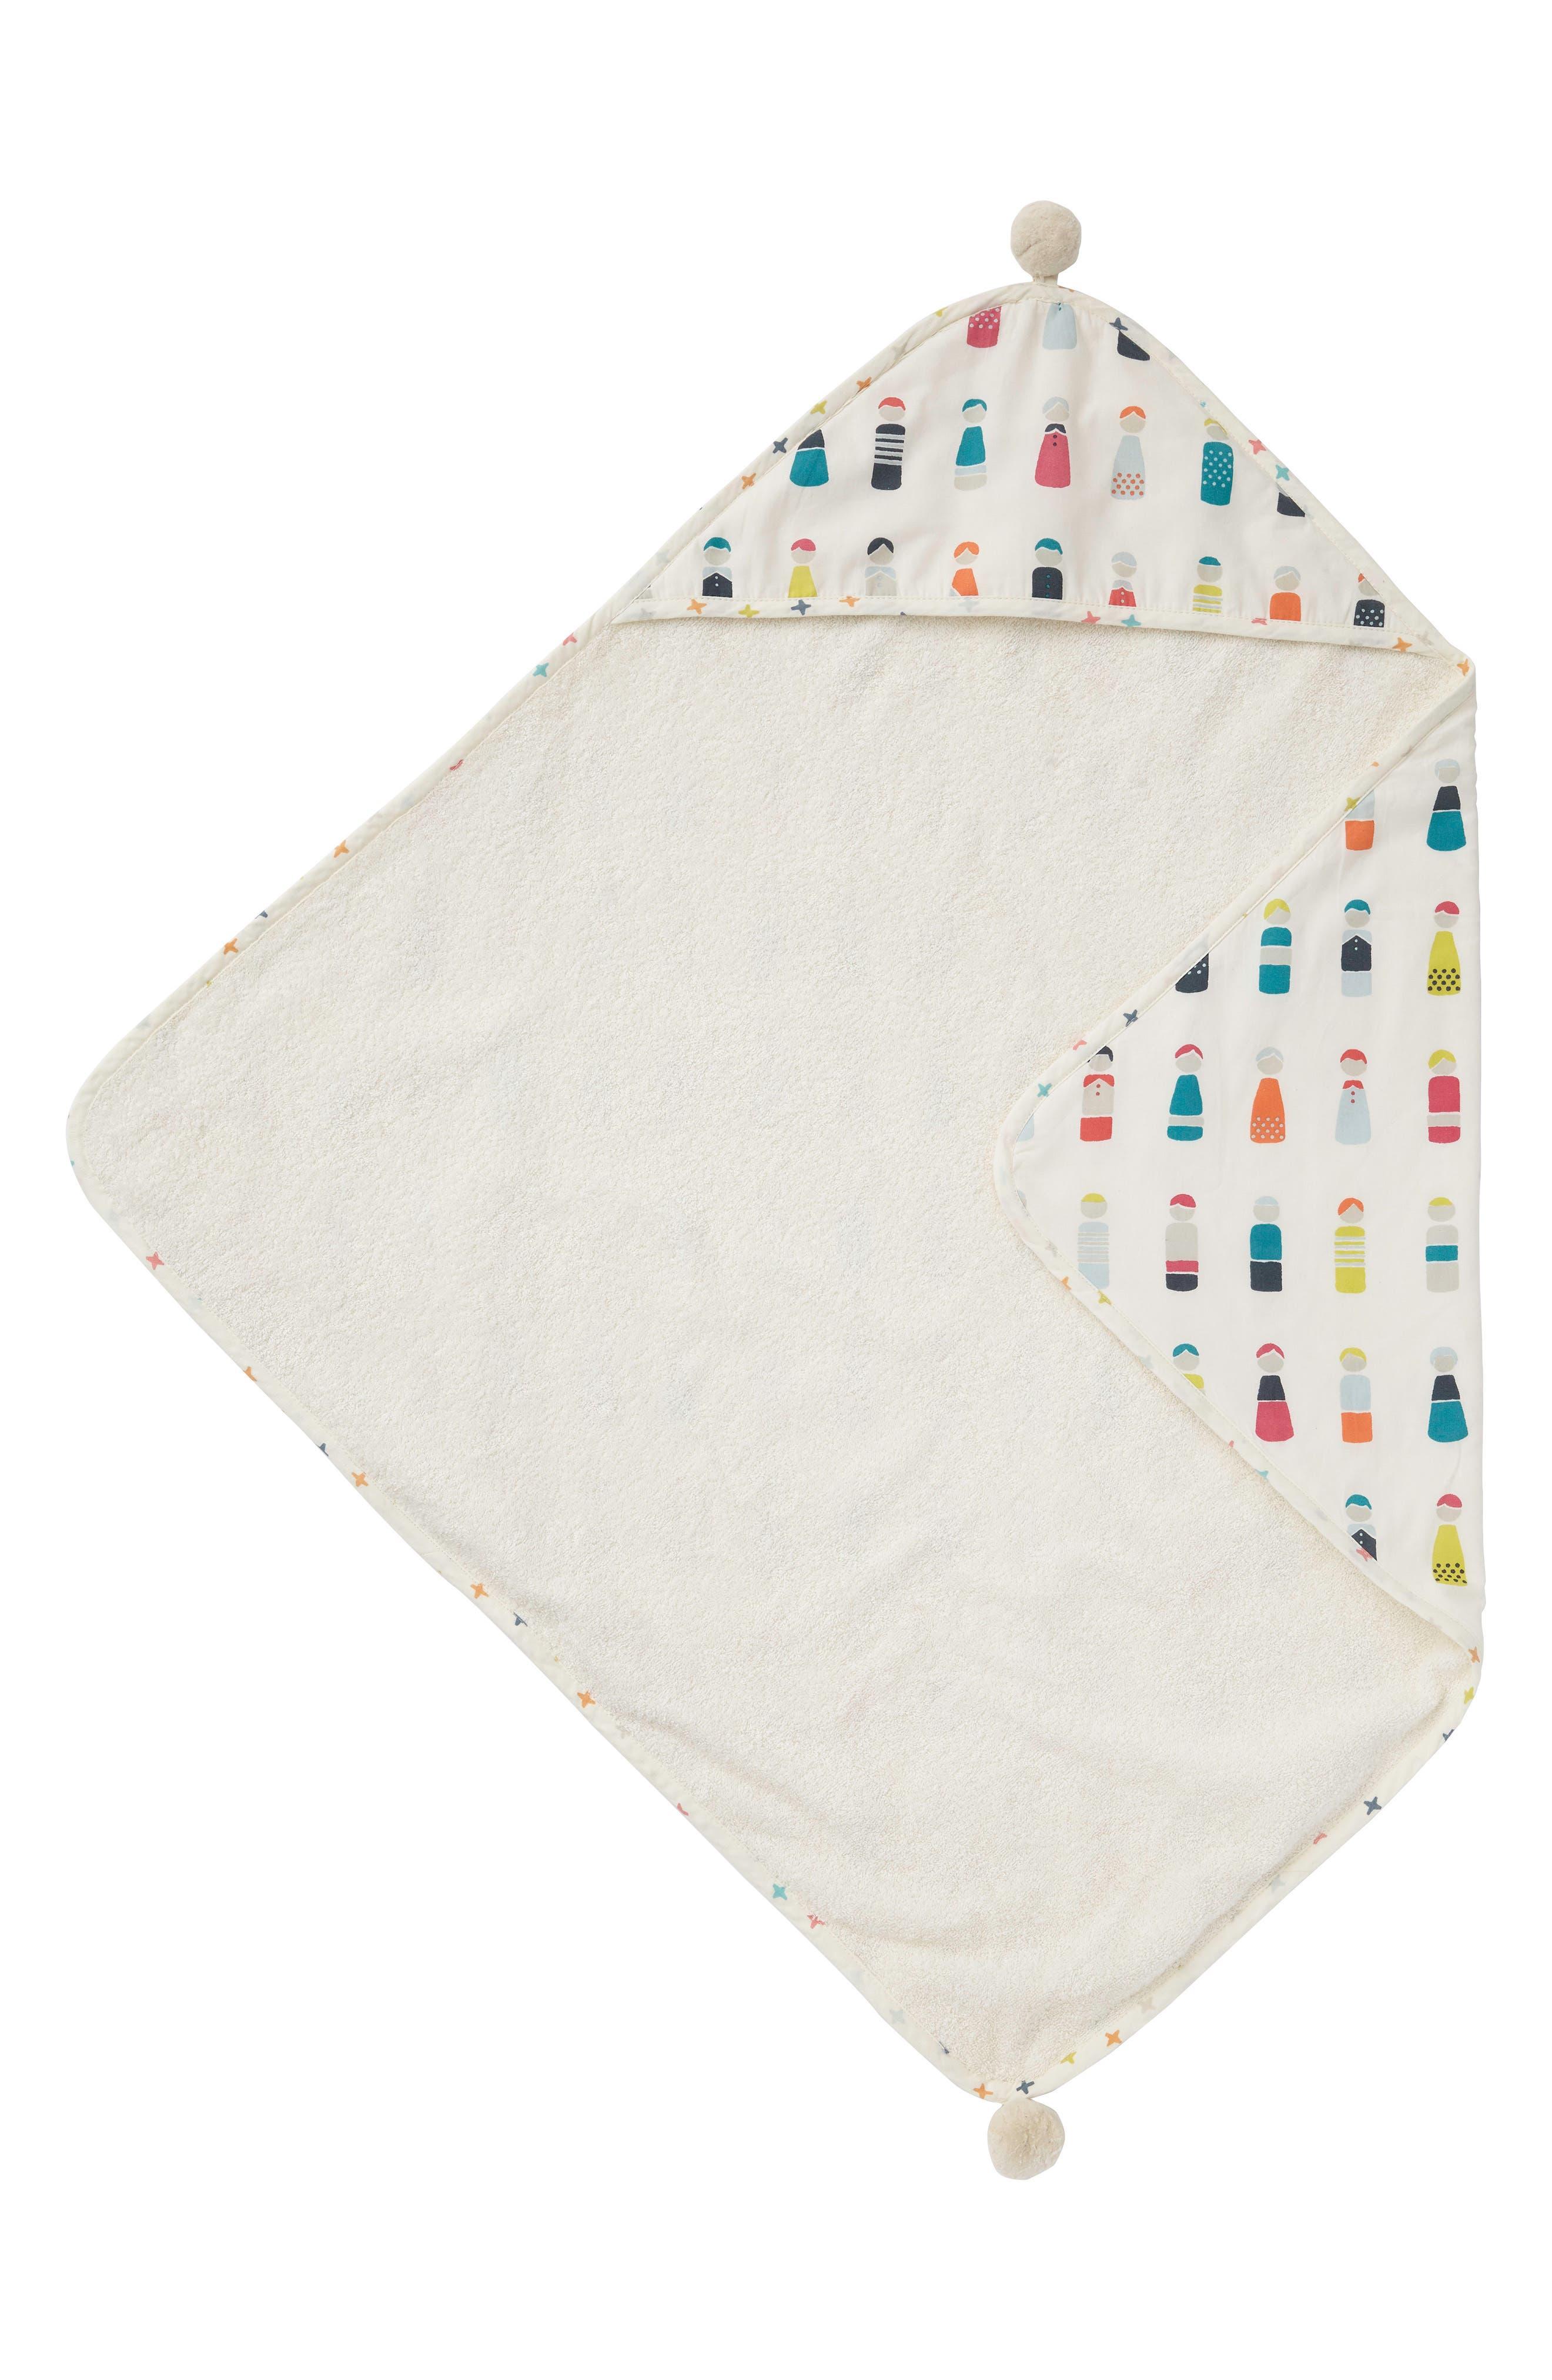 Little Peeps Print Hooded Towel,                             Main thumbnail 1, color,                             Multi